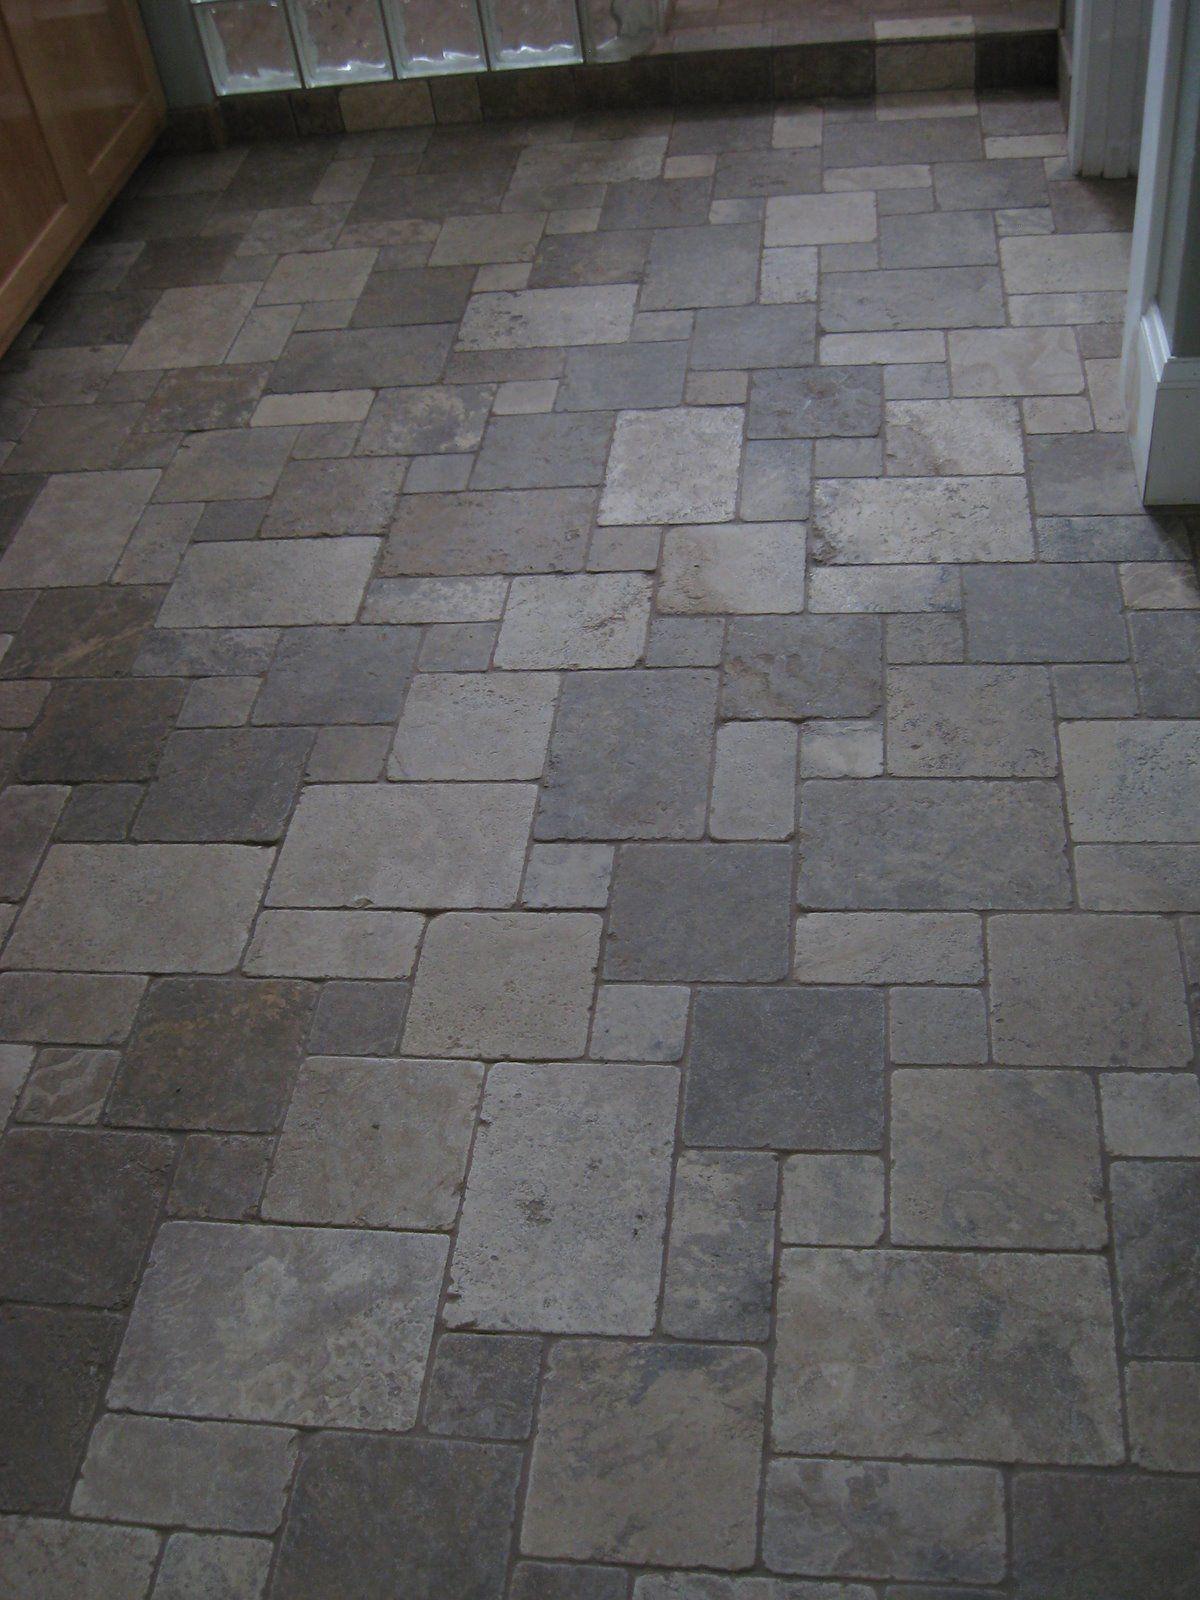 Google Image Result For Ridgelinecustomho In 2020 Patterned Floor Tiles Tile Floor Slate Tile Floor